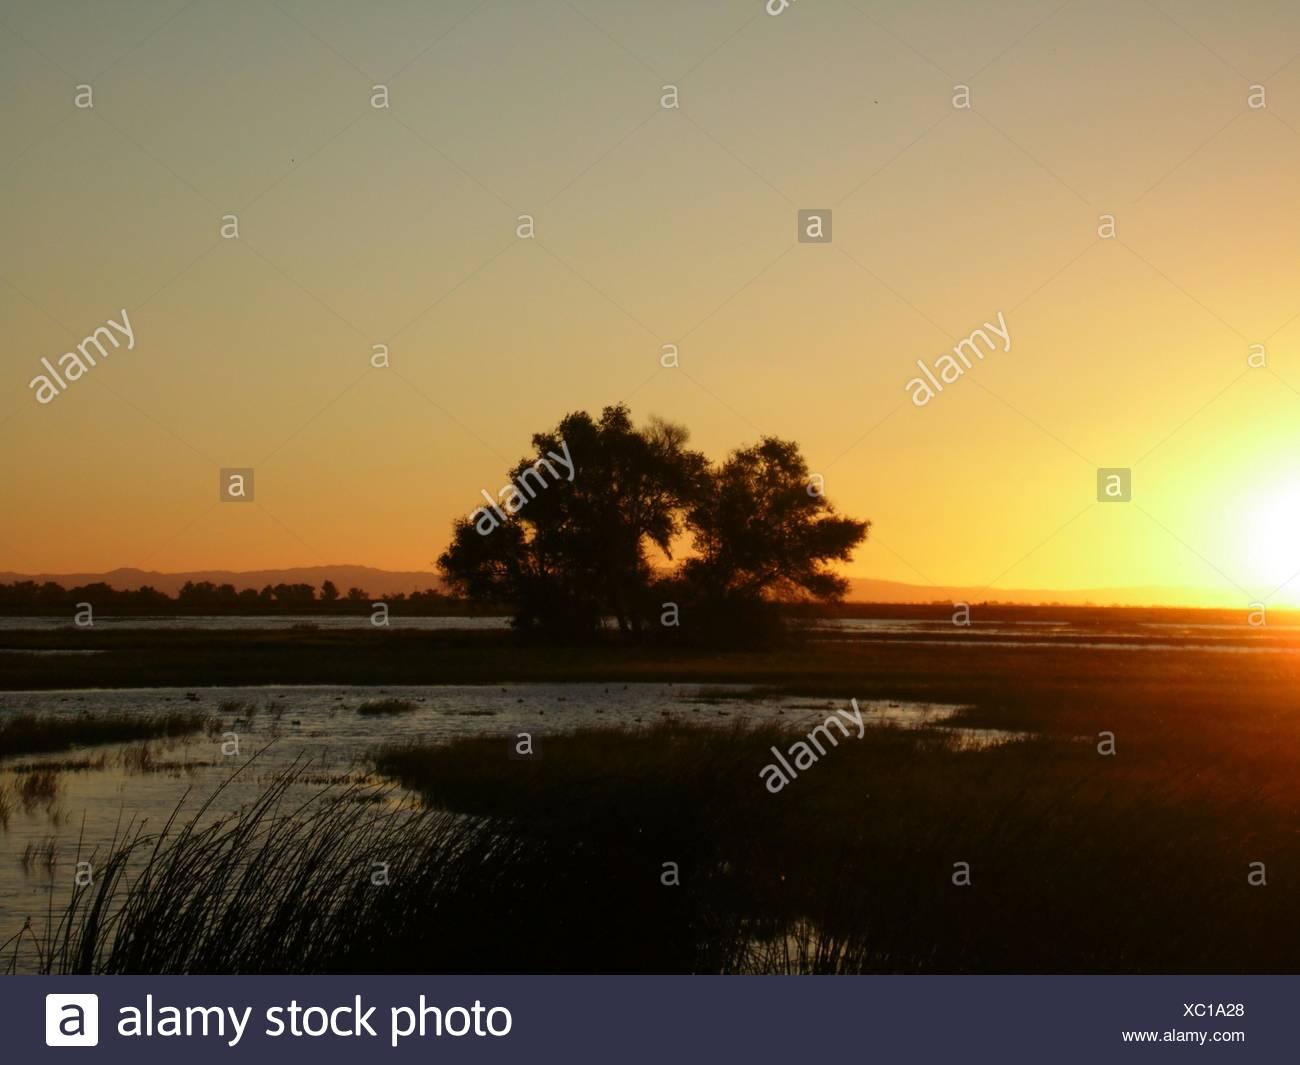 Alberi in campo contro il cielo al tramonto Immagini Stock